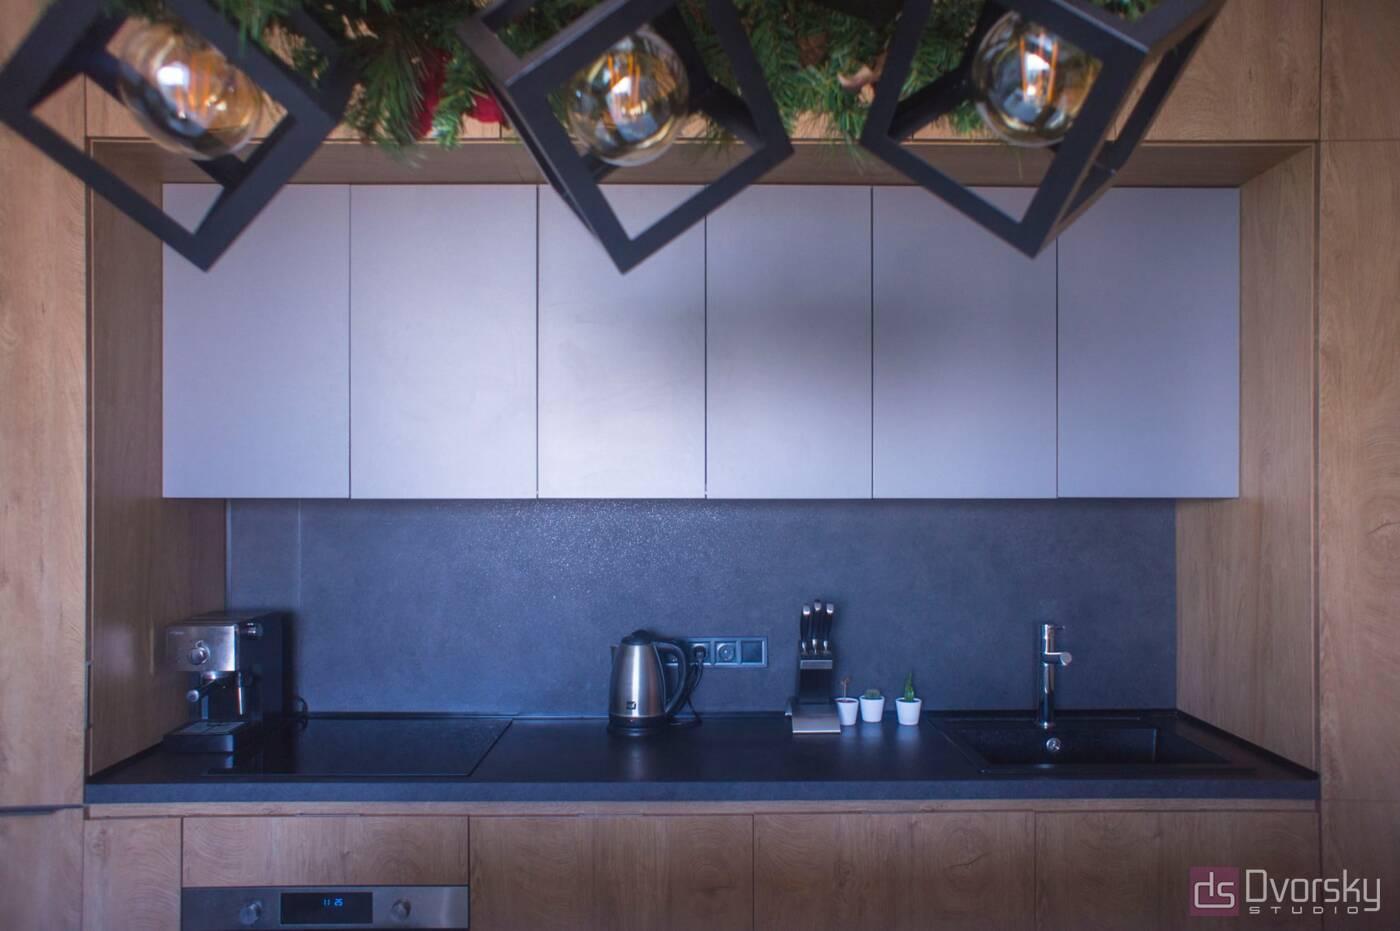 Острівні кухні Кухня Arpa синій колір - Фото № 1